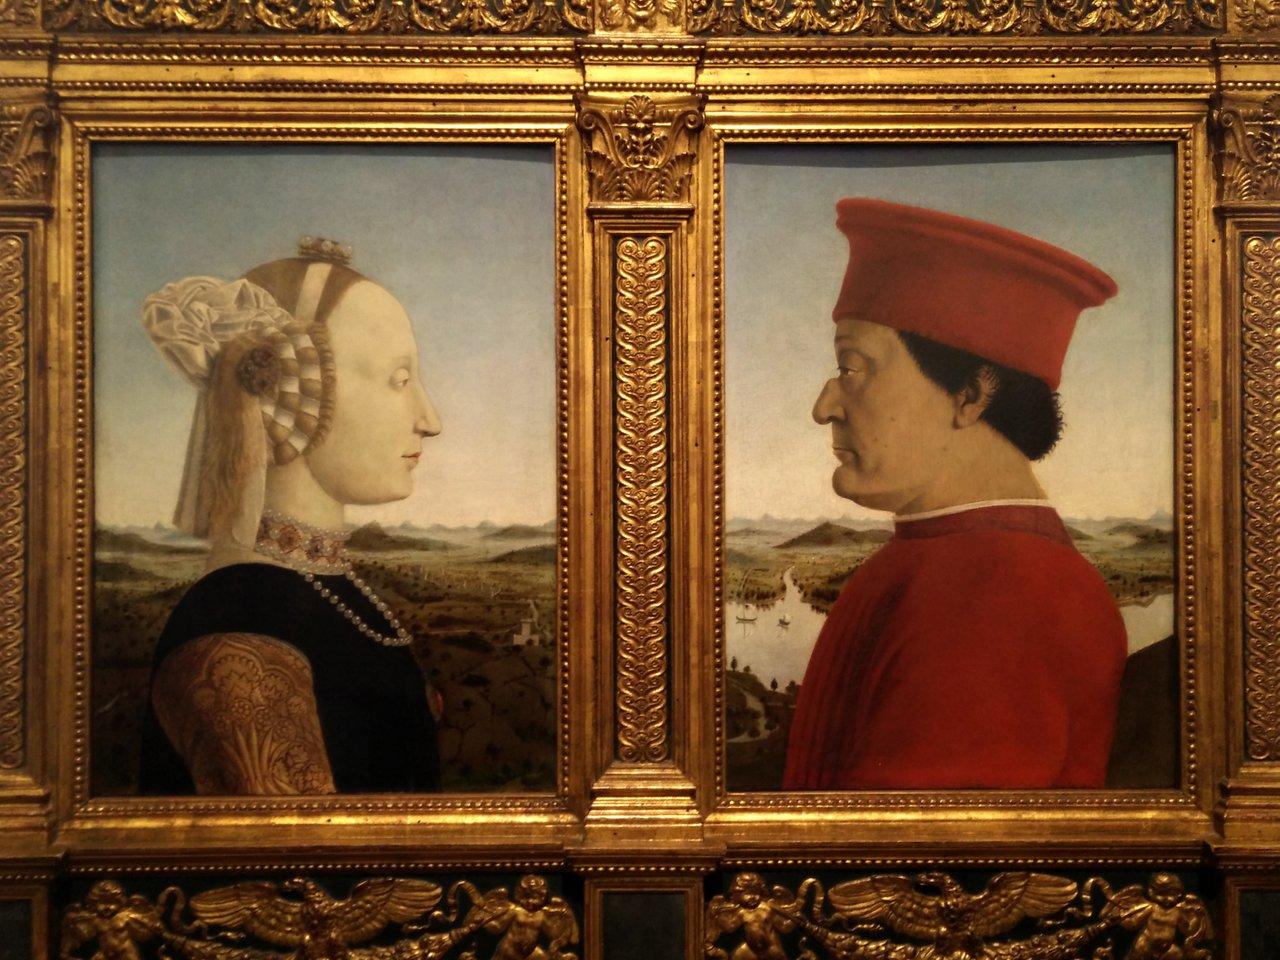 """due giorni a firenze: """"Doppio ritratto dei duchi di Urbino"""" di Piero della Francesca"""